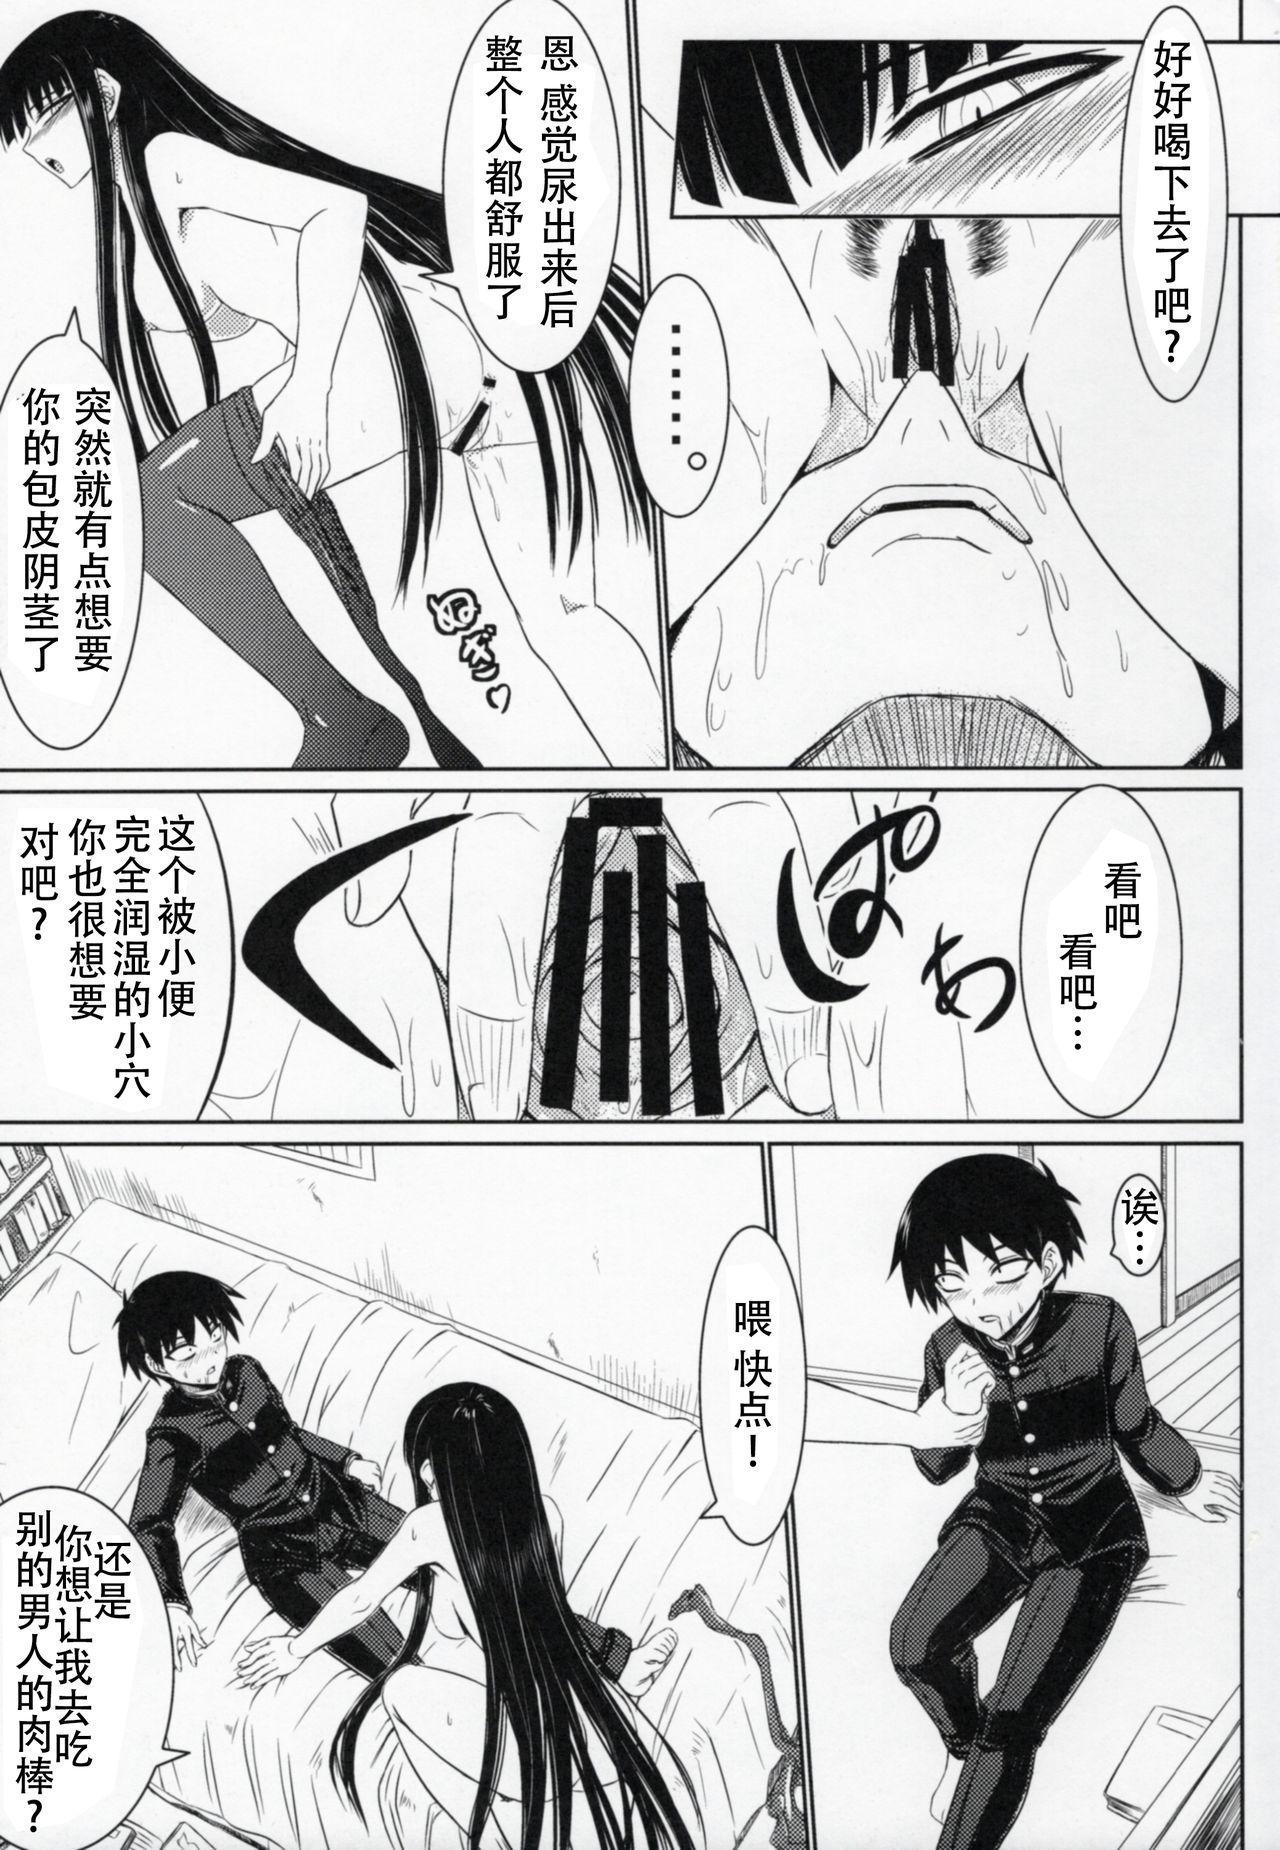 Houkago Sex 3 14